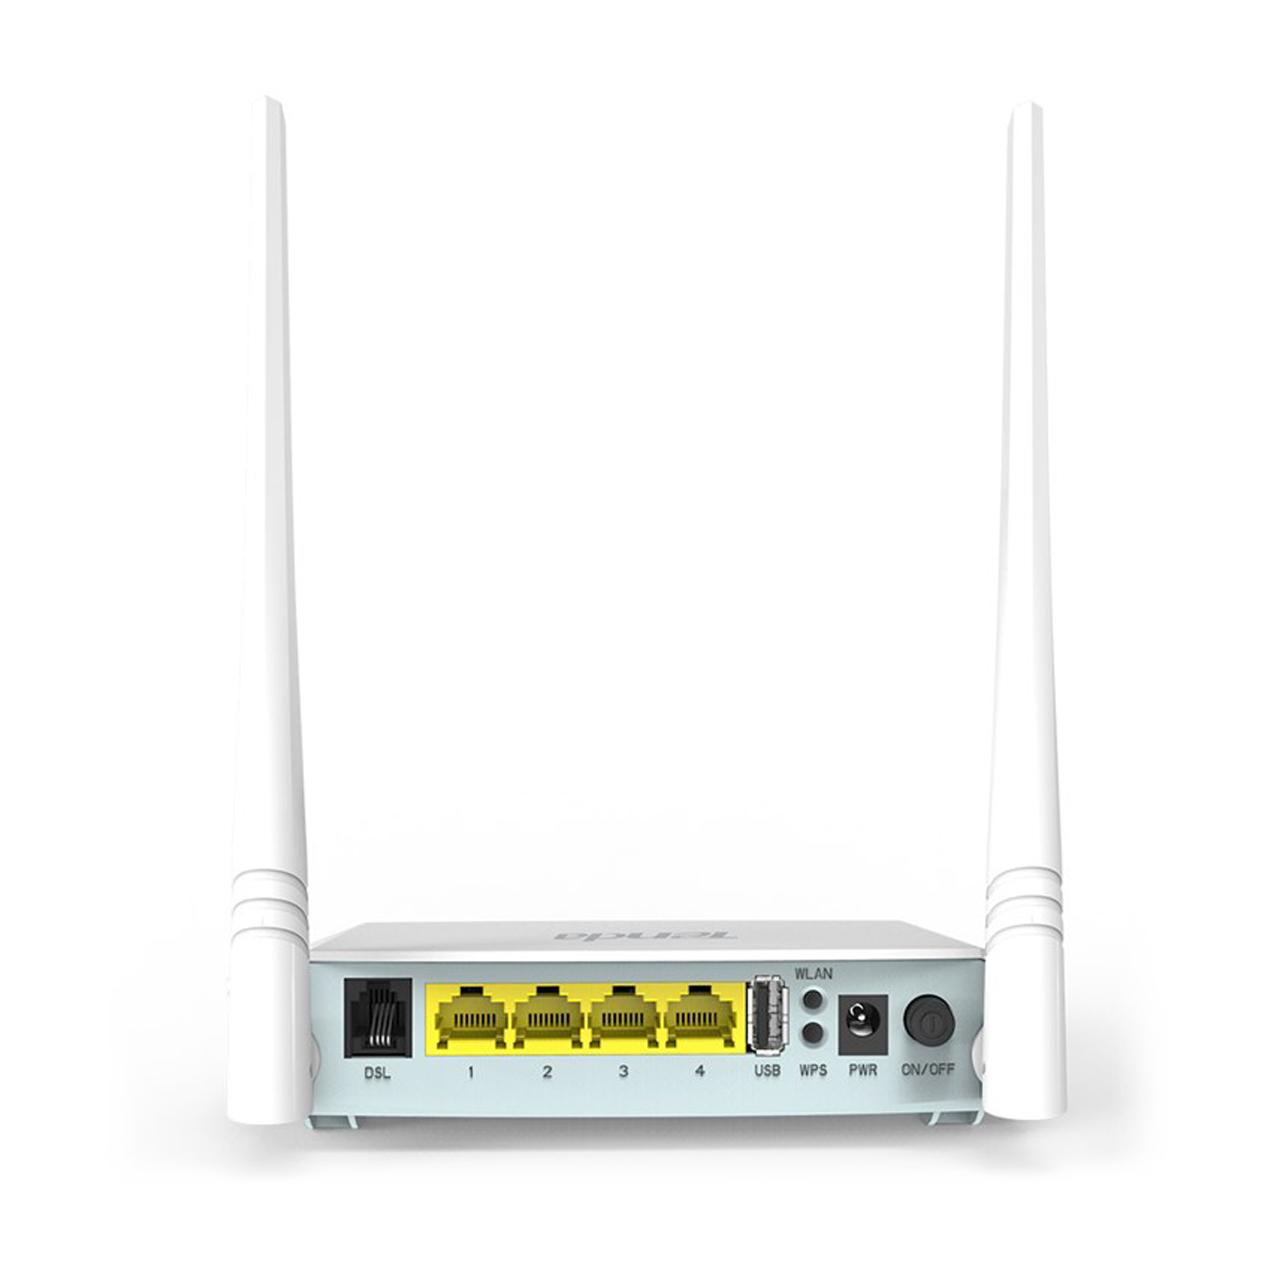 مودم روتر ADSL2 Plus بی سیم N300 برند Tenda مدل D301 V2